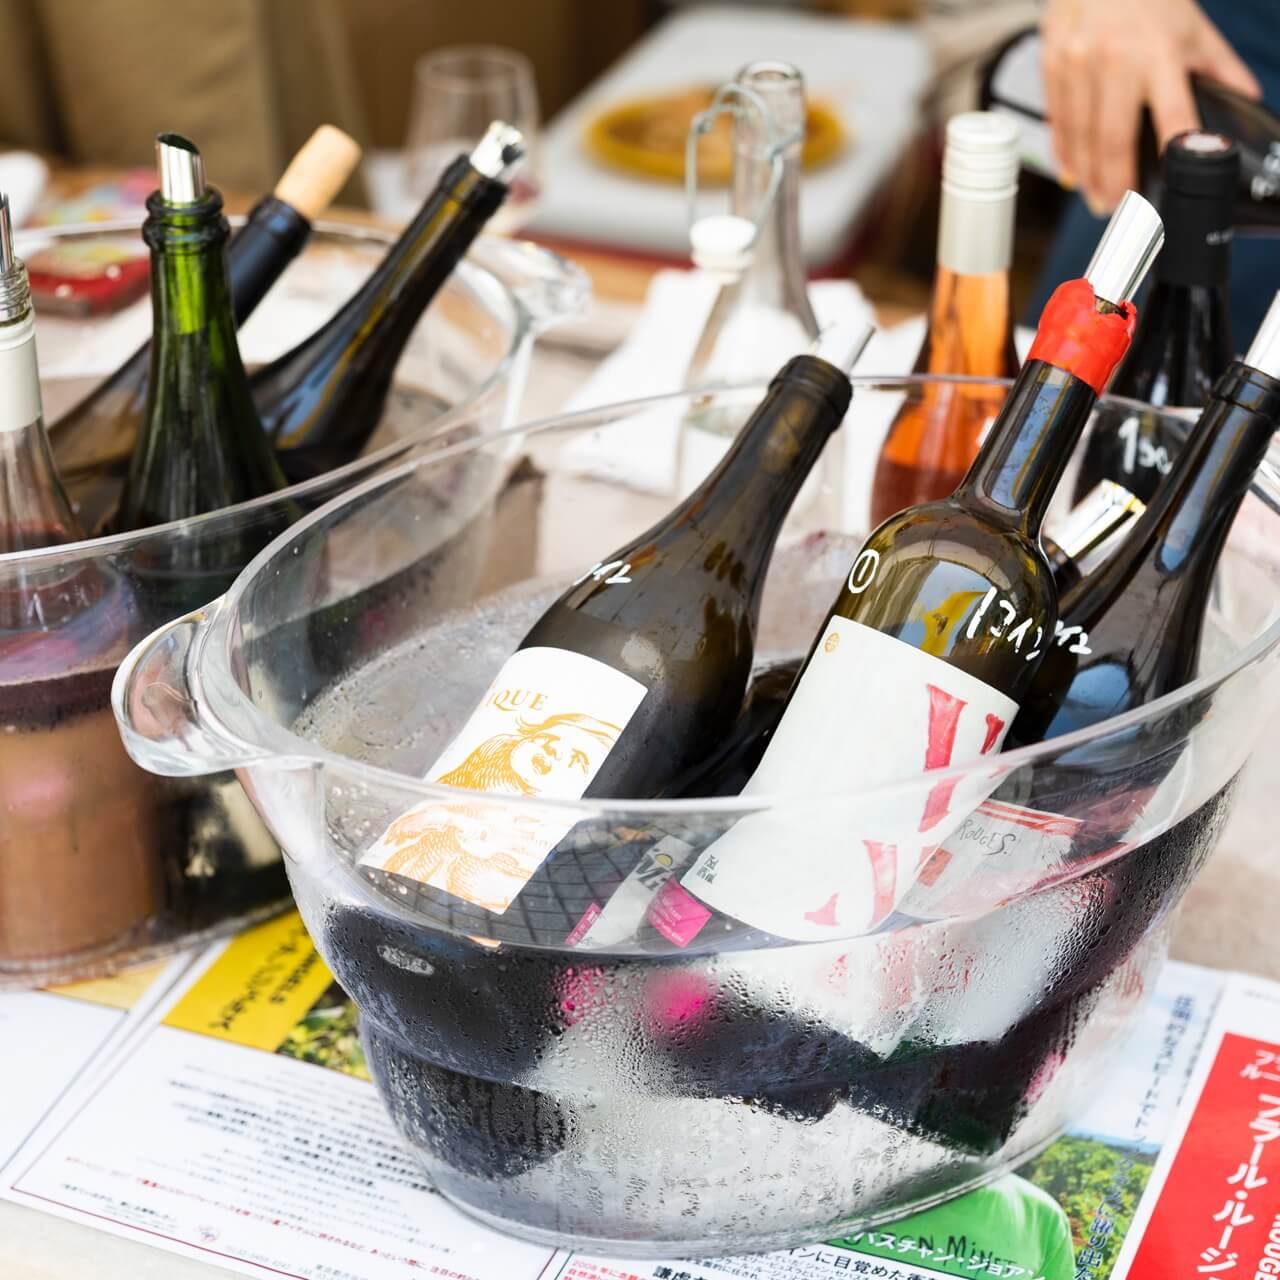 12/15(土)16(日)、国連大学中庭広場にて180種類以上のワインが楽しめるイベント開催